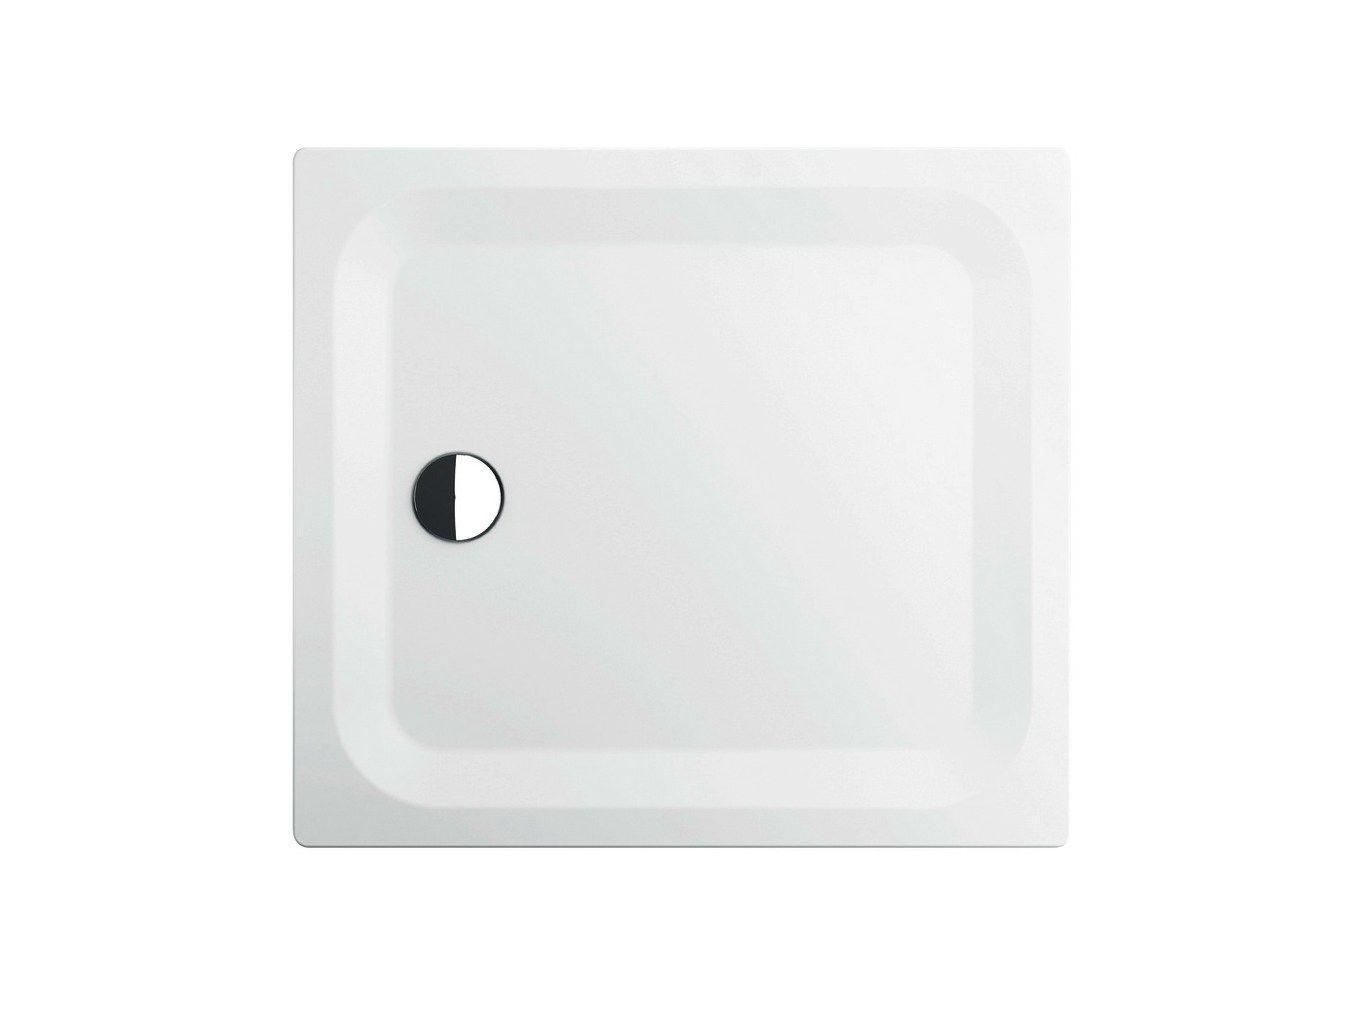 superflach quadratische duschwanne by bette. Black Bedroom Furniture Sets. Home Design Ideas